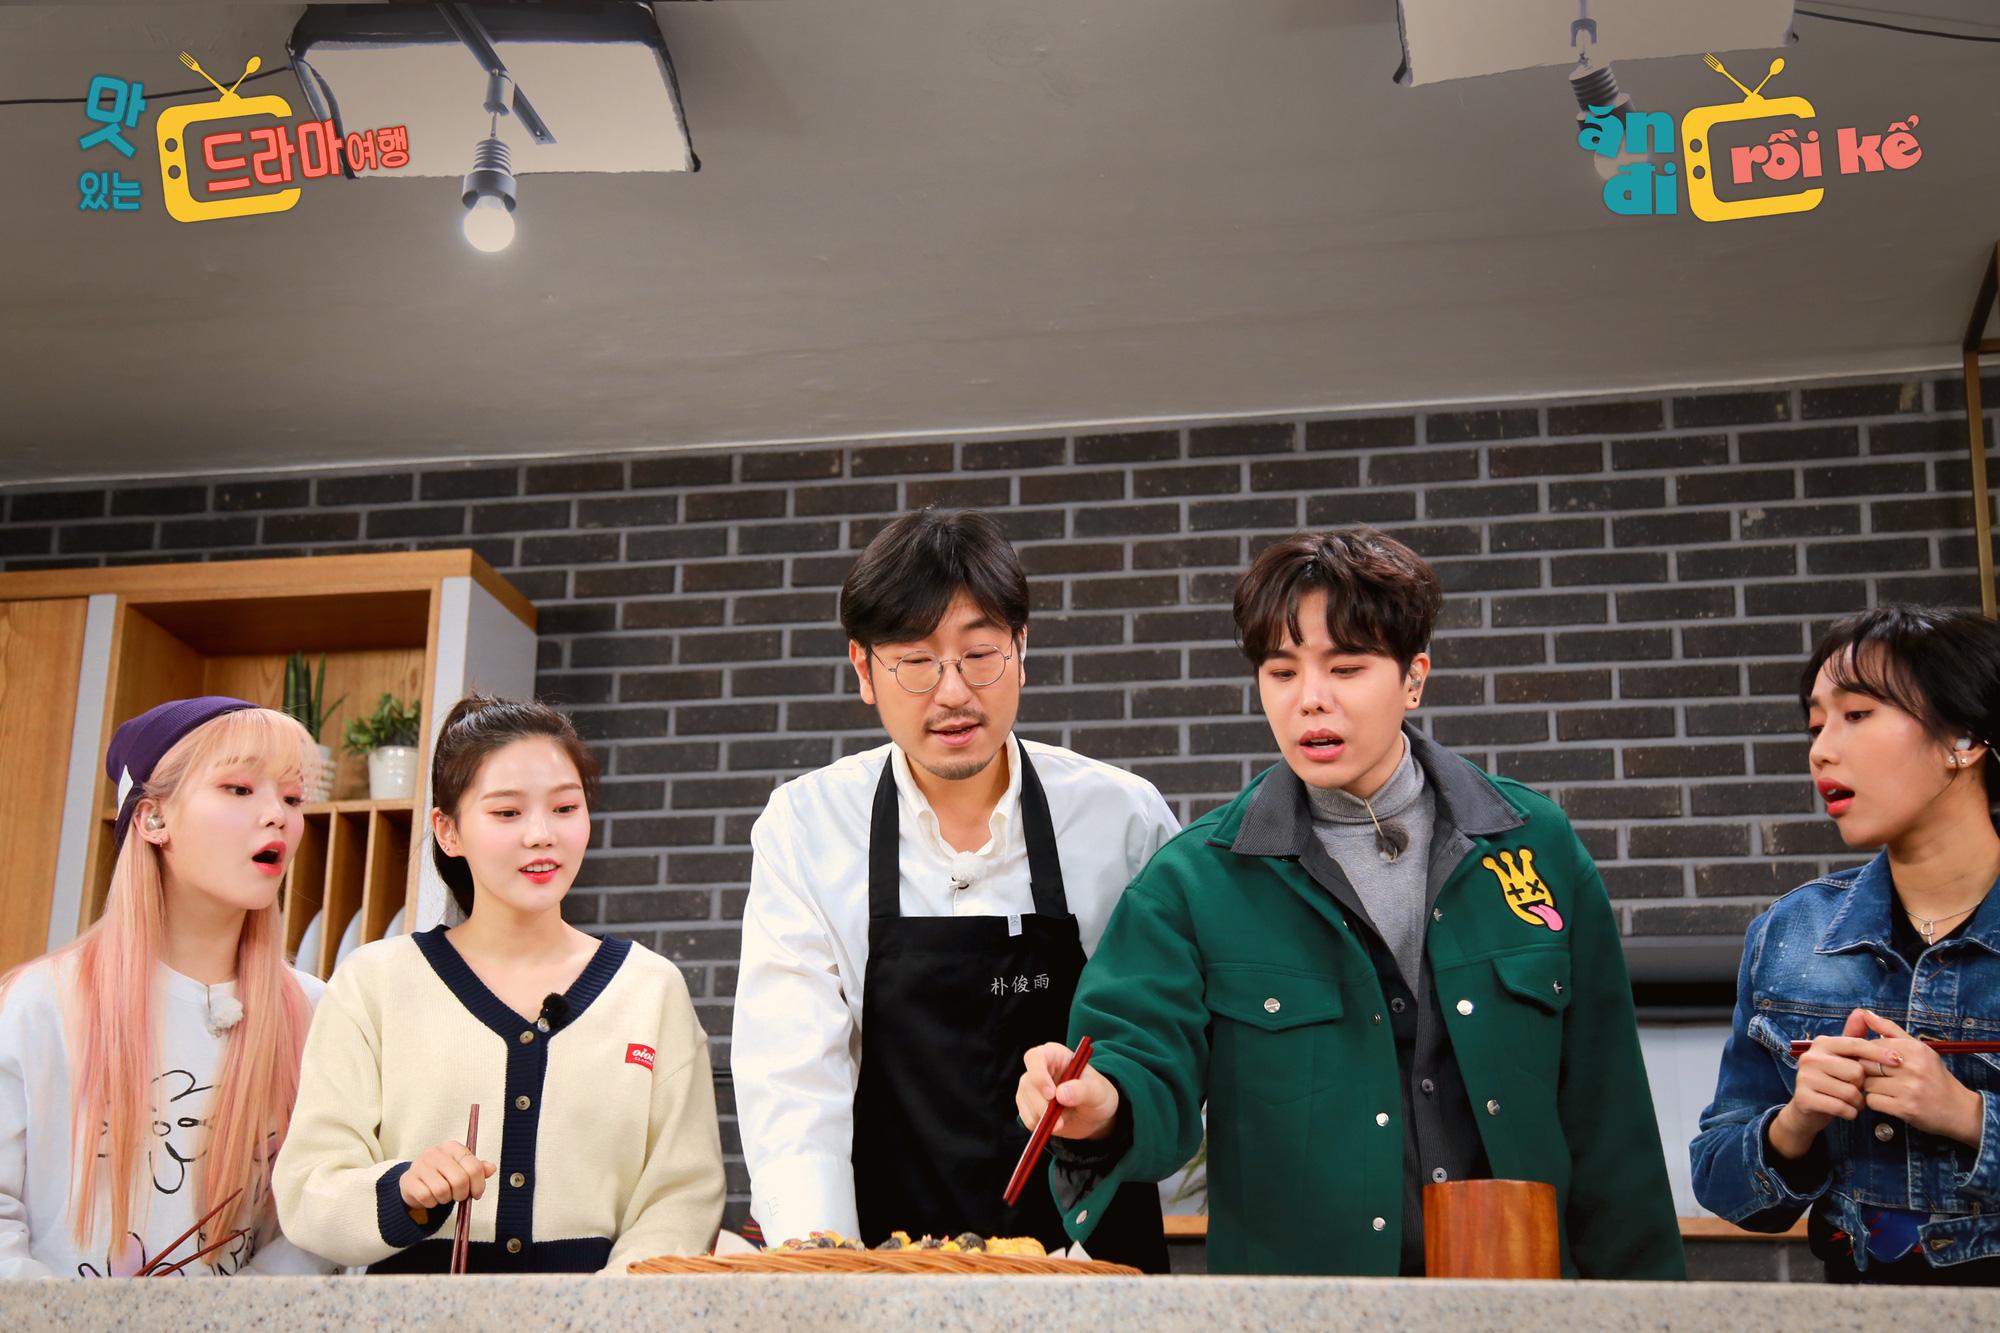 Báo Hàn đồng loạt đưa tin về một TV show có nghệ sĩ Việt Nam - Hàn Quốc cùng tham gia - Ảnh 1.